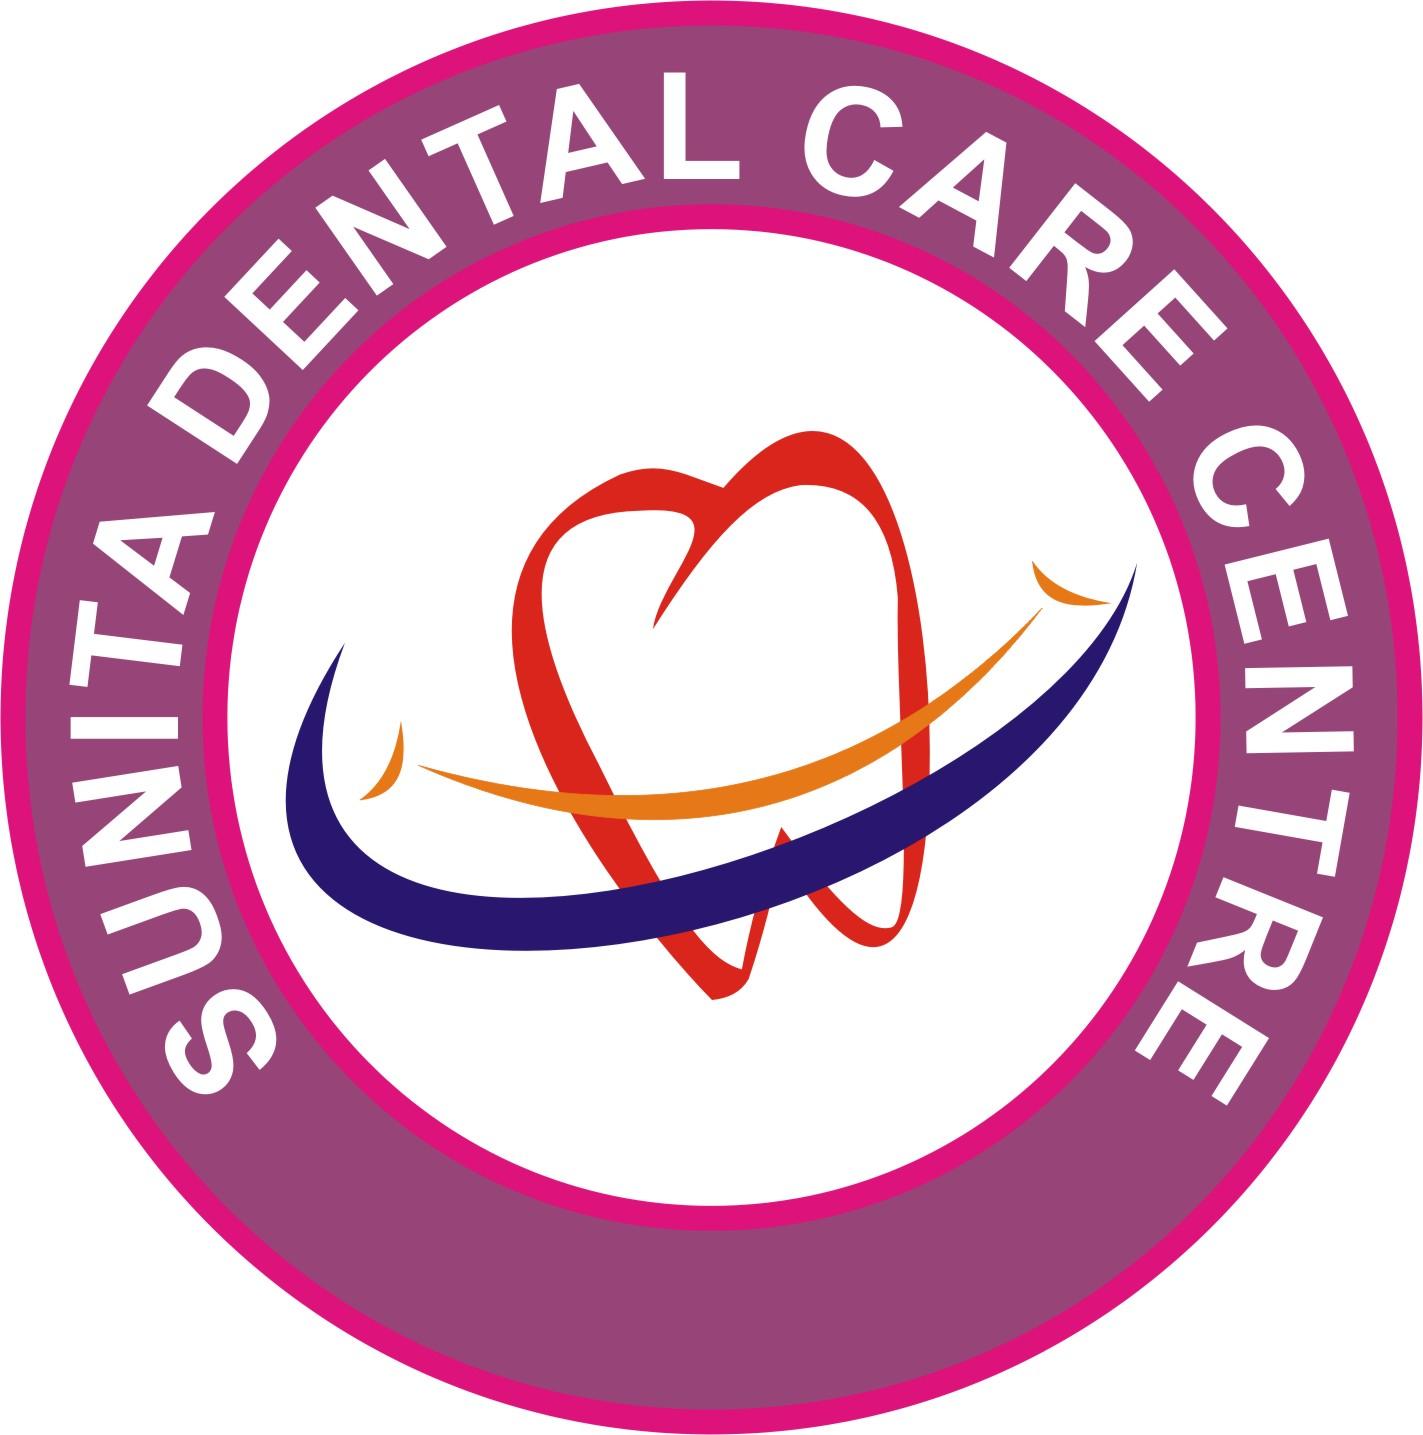 Sunita Dental Care Center